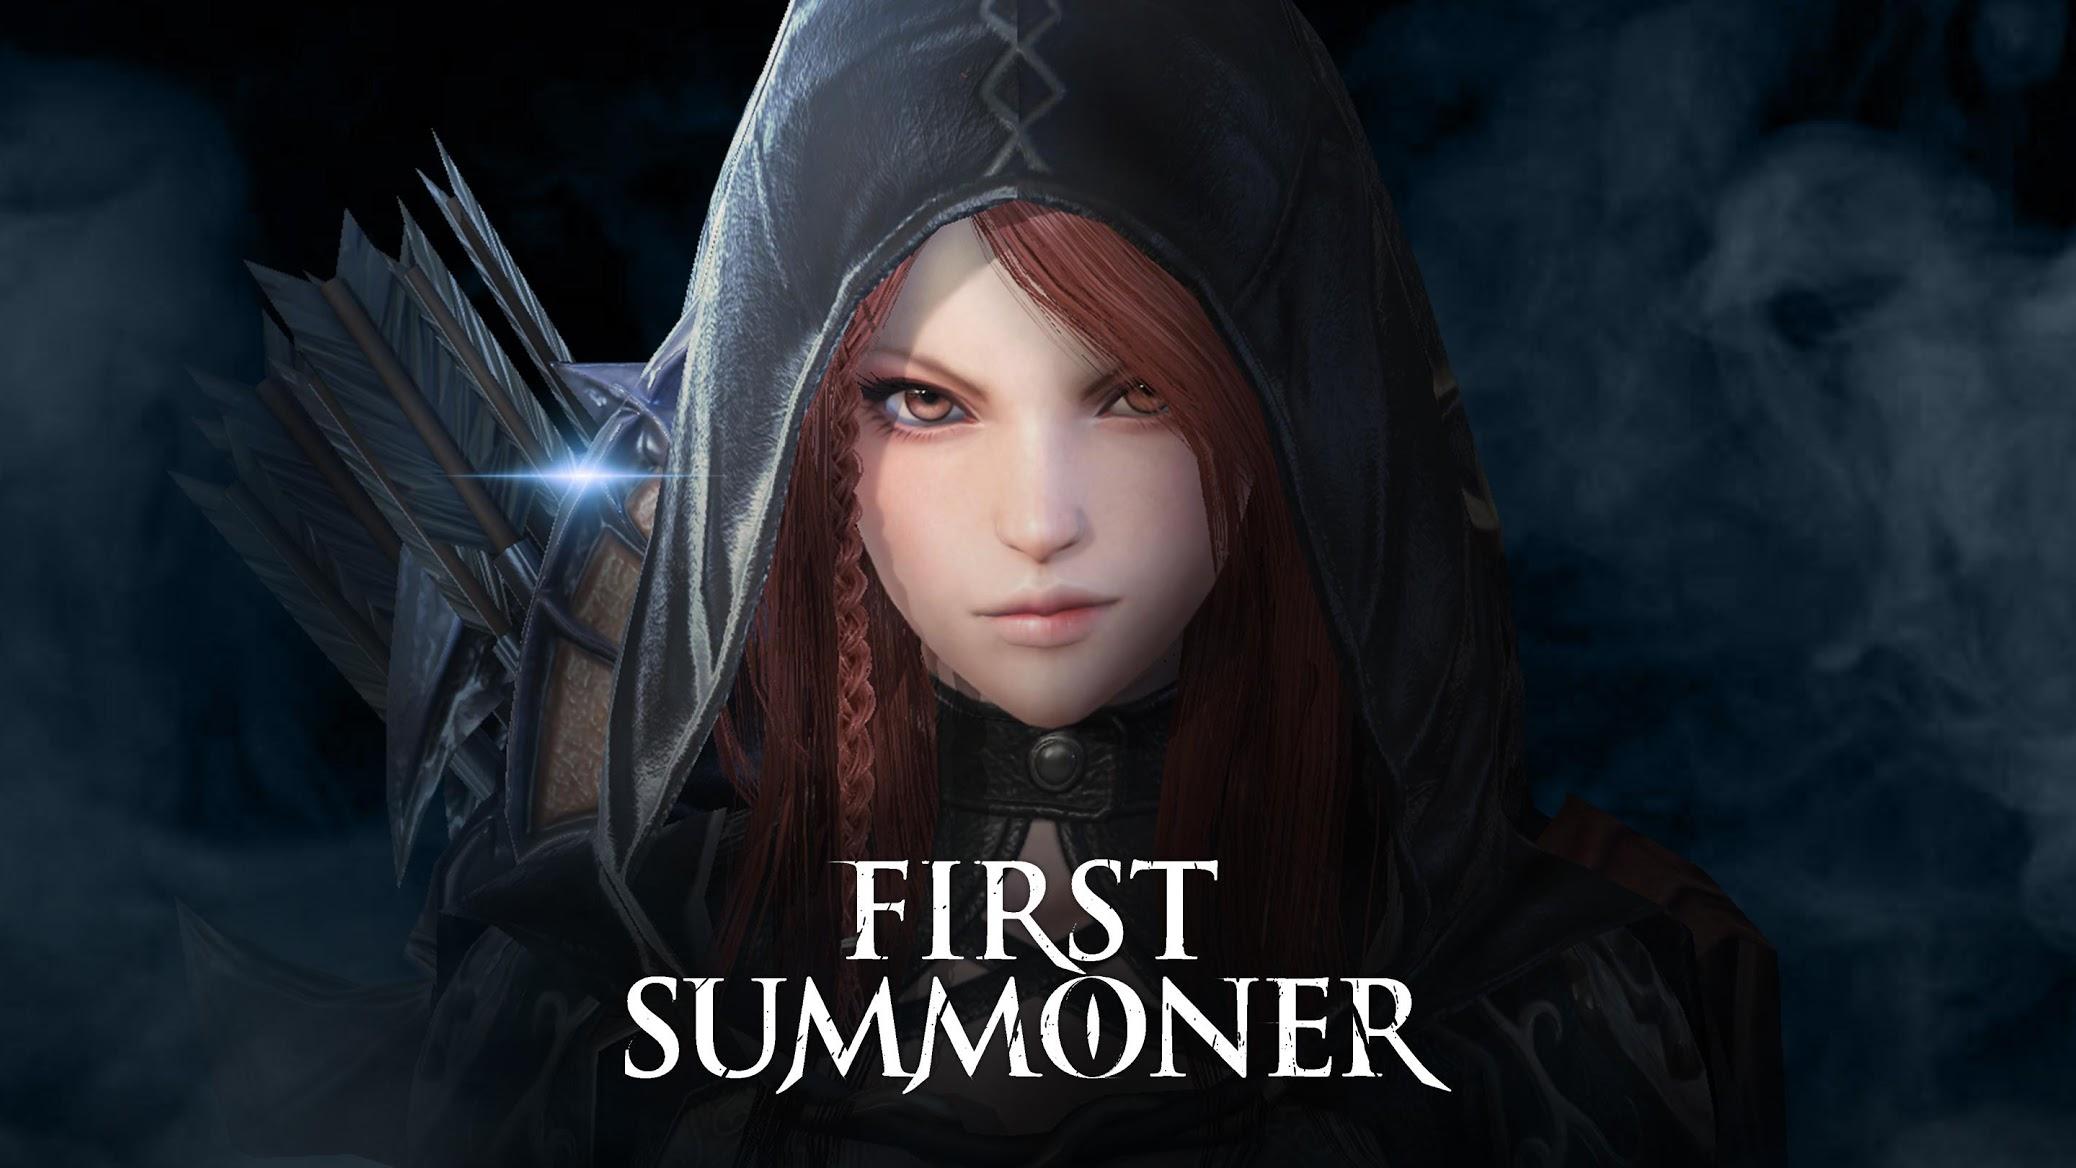 第一召唤师 First Summoner:虽然很小众,但着实被惊艳到的RPG游戏